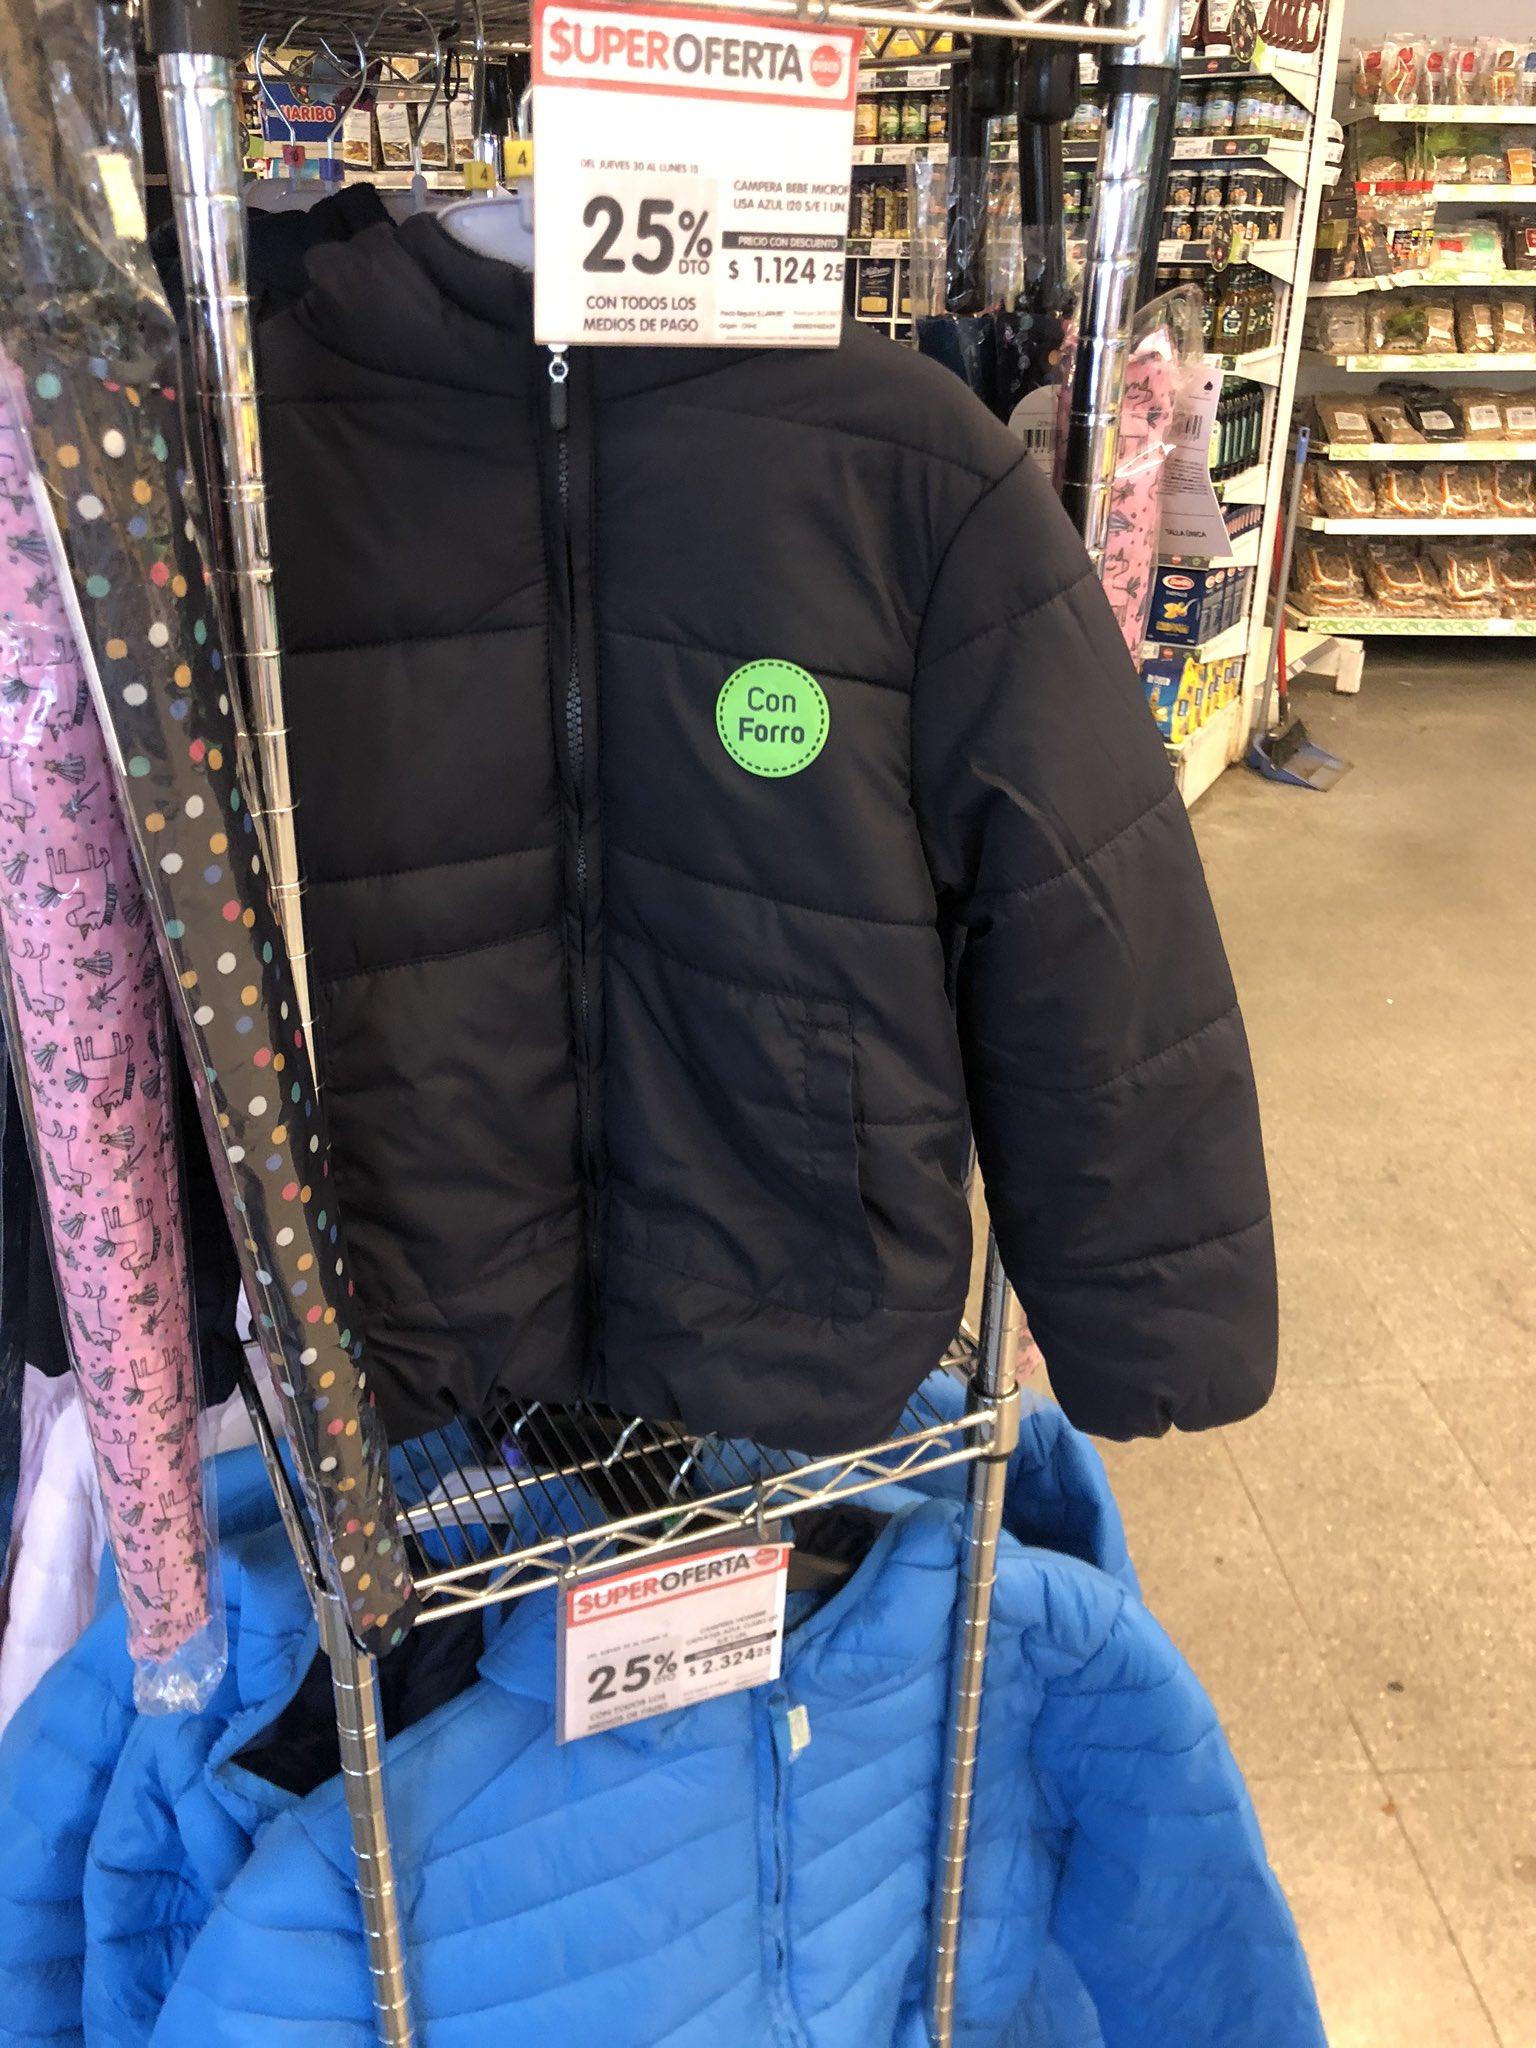 """Textiles """"indignados"""" por la venta de ropa en supermercados"""